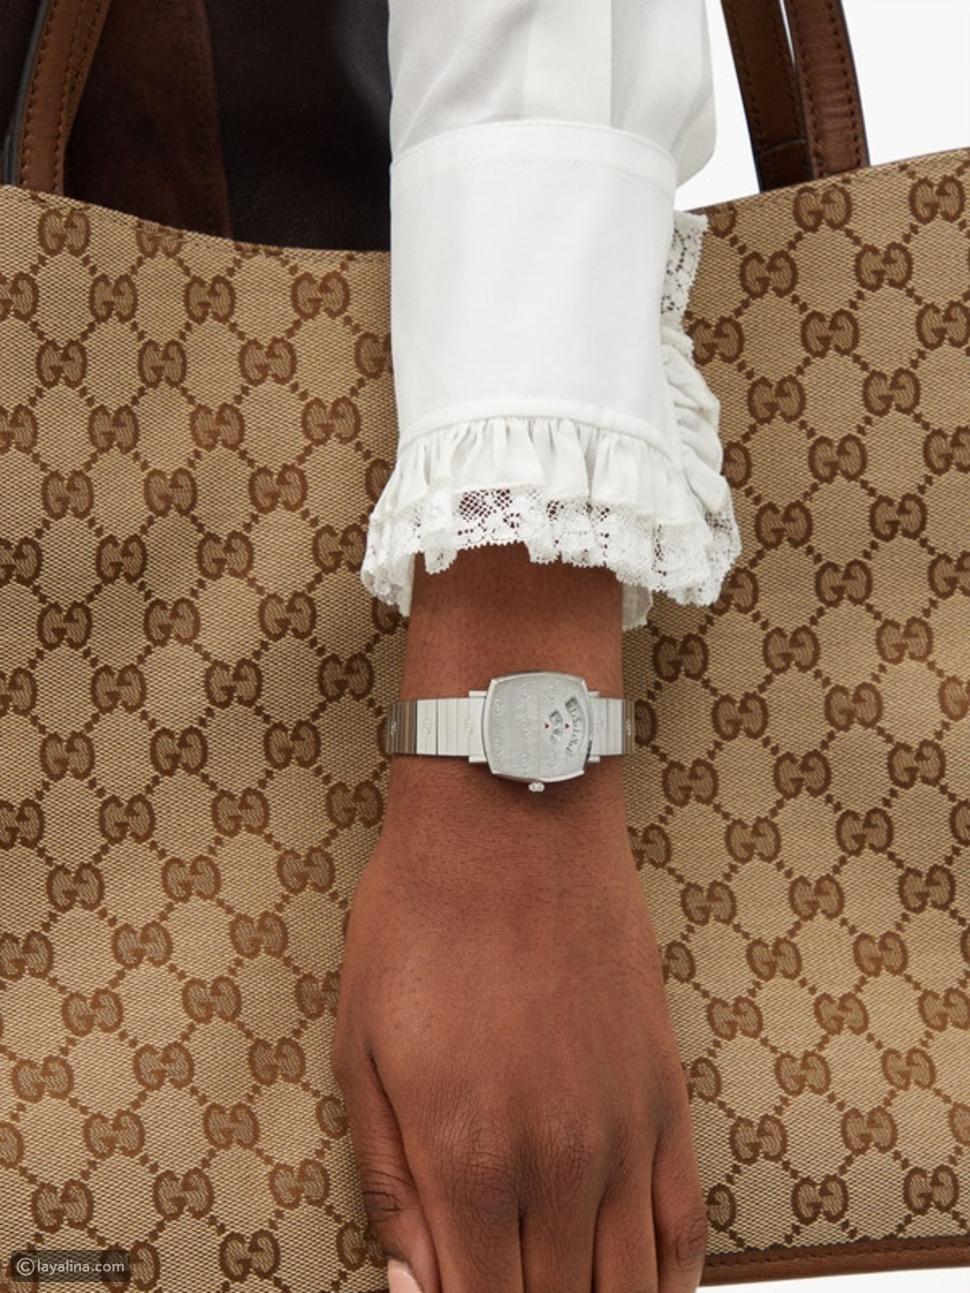 ساعة Gucci Grip بنافذة من الستانلس ستيلGucci Grip Two-Window